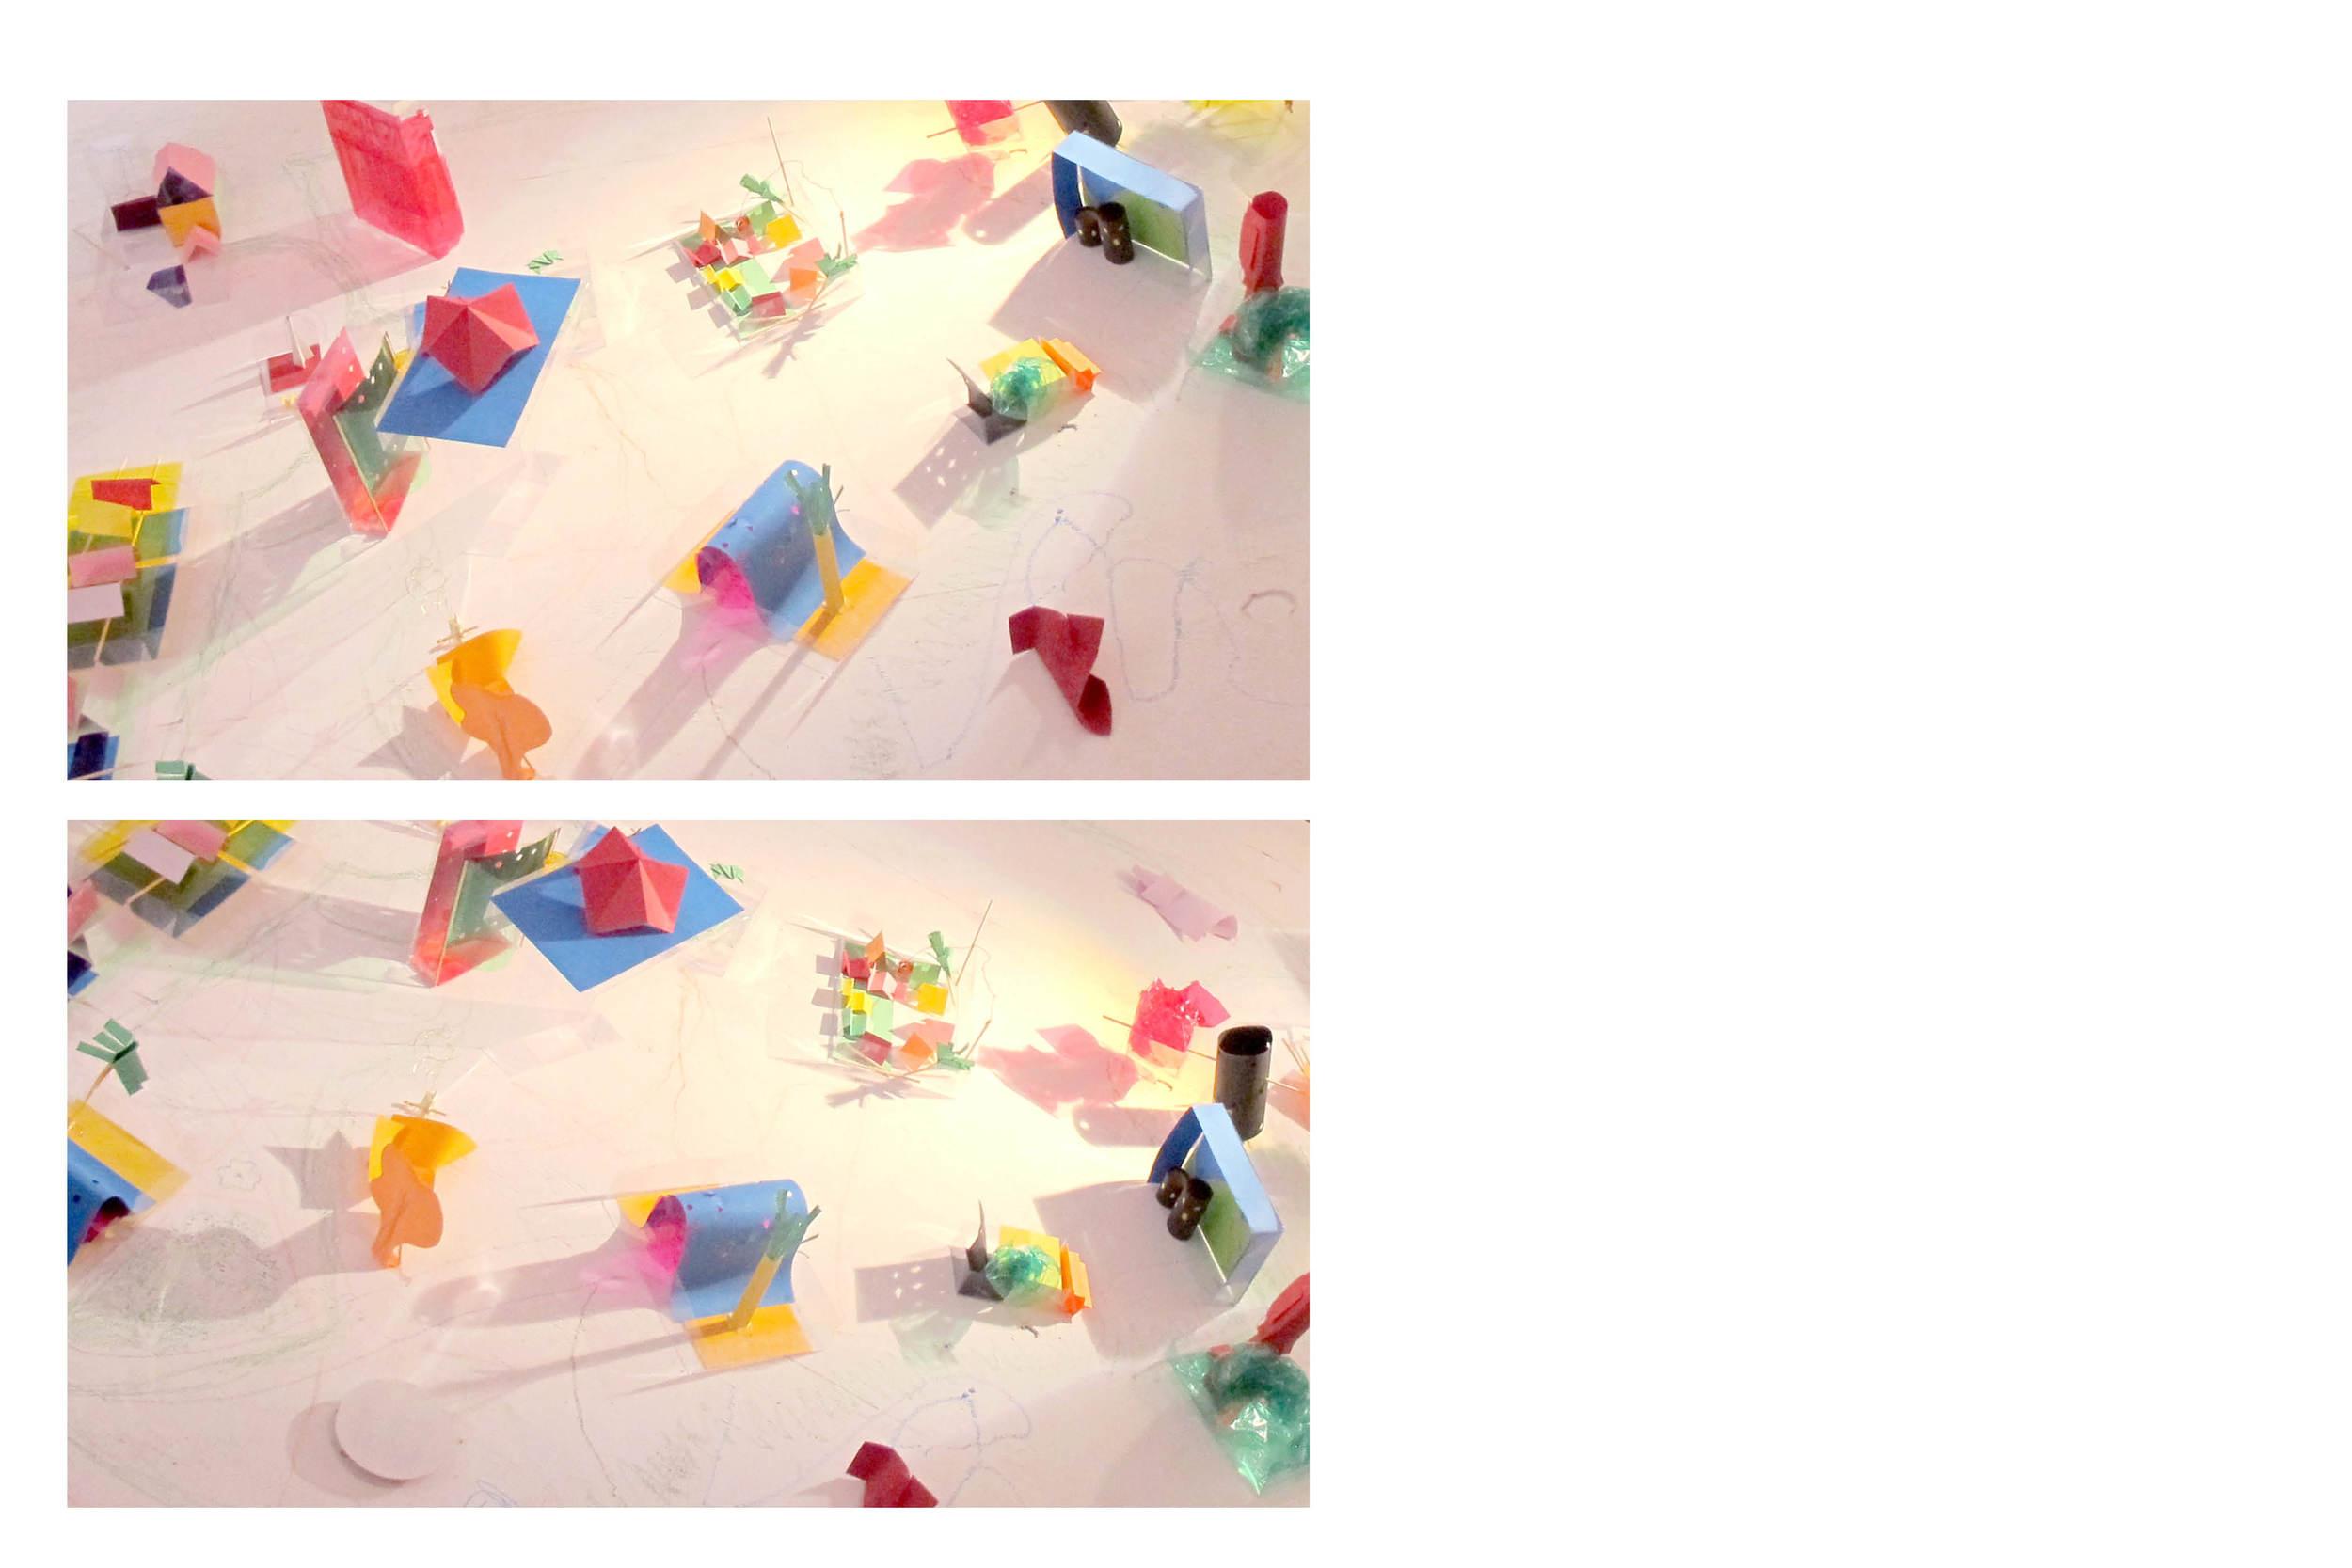 détail du livre construit et ses pages liées à travers le dessin. --- detalhe do livro construído e páginas costuradas através do desenho. ---  finished book detail and pages joint together by drawing.